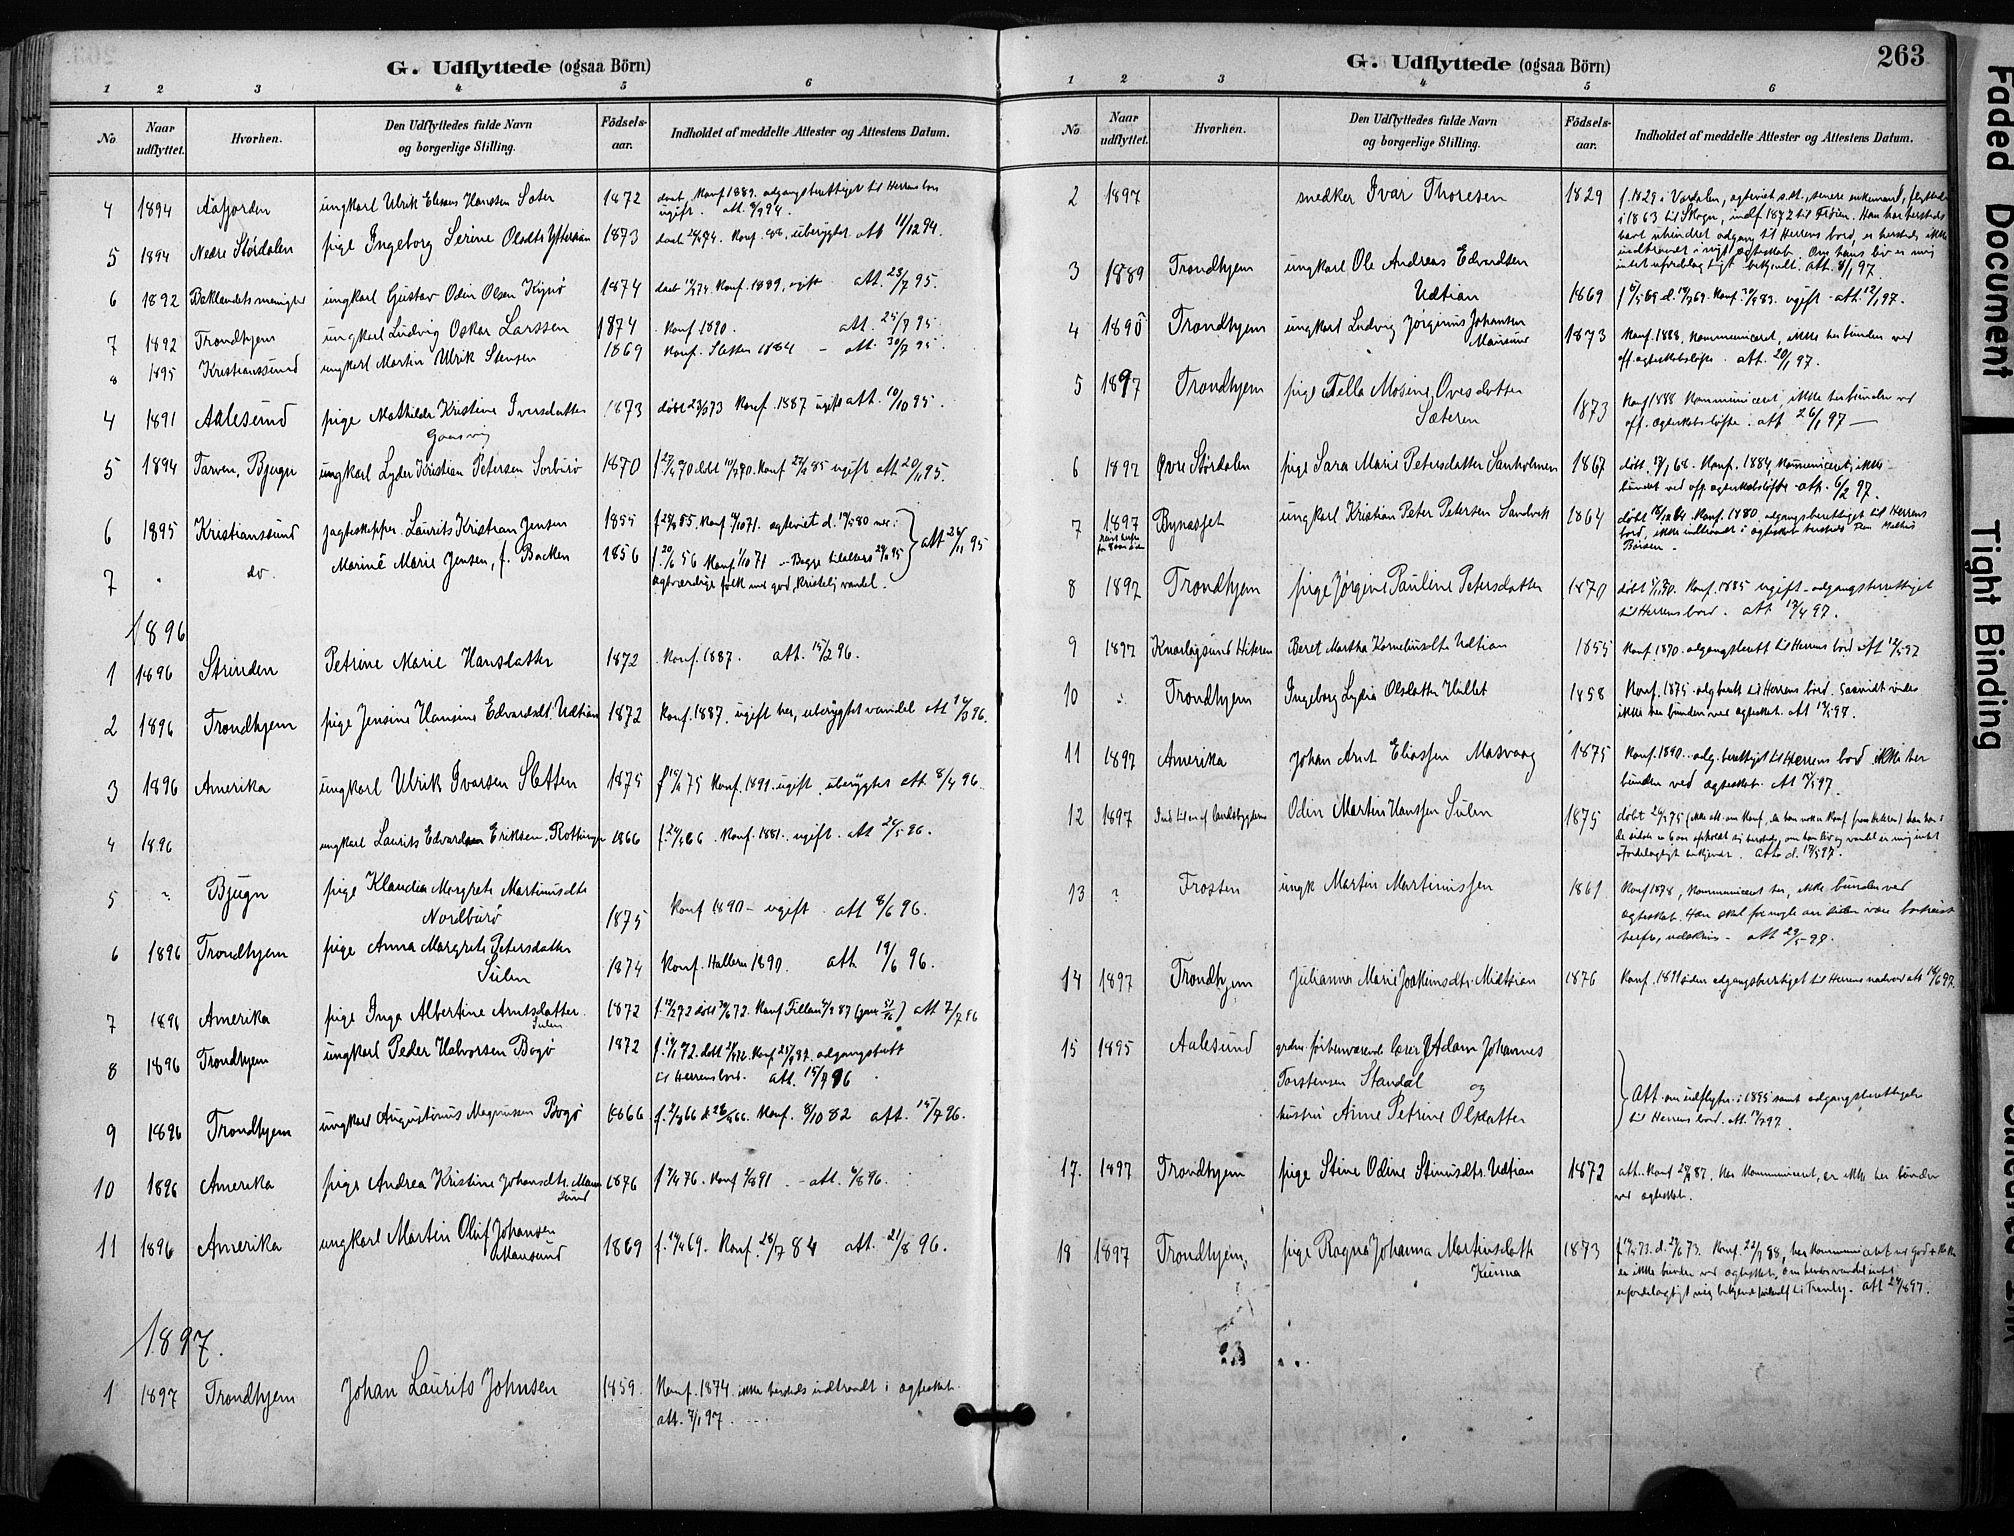 SAT, Ministerialprotokoller, klokkerbøker og fødselsregistre - Sør-Trøndelag, 640/L0579: Ministerialbok nr. 640A04, 1889-1902, s. 263